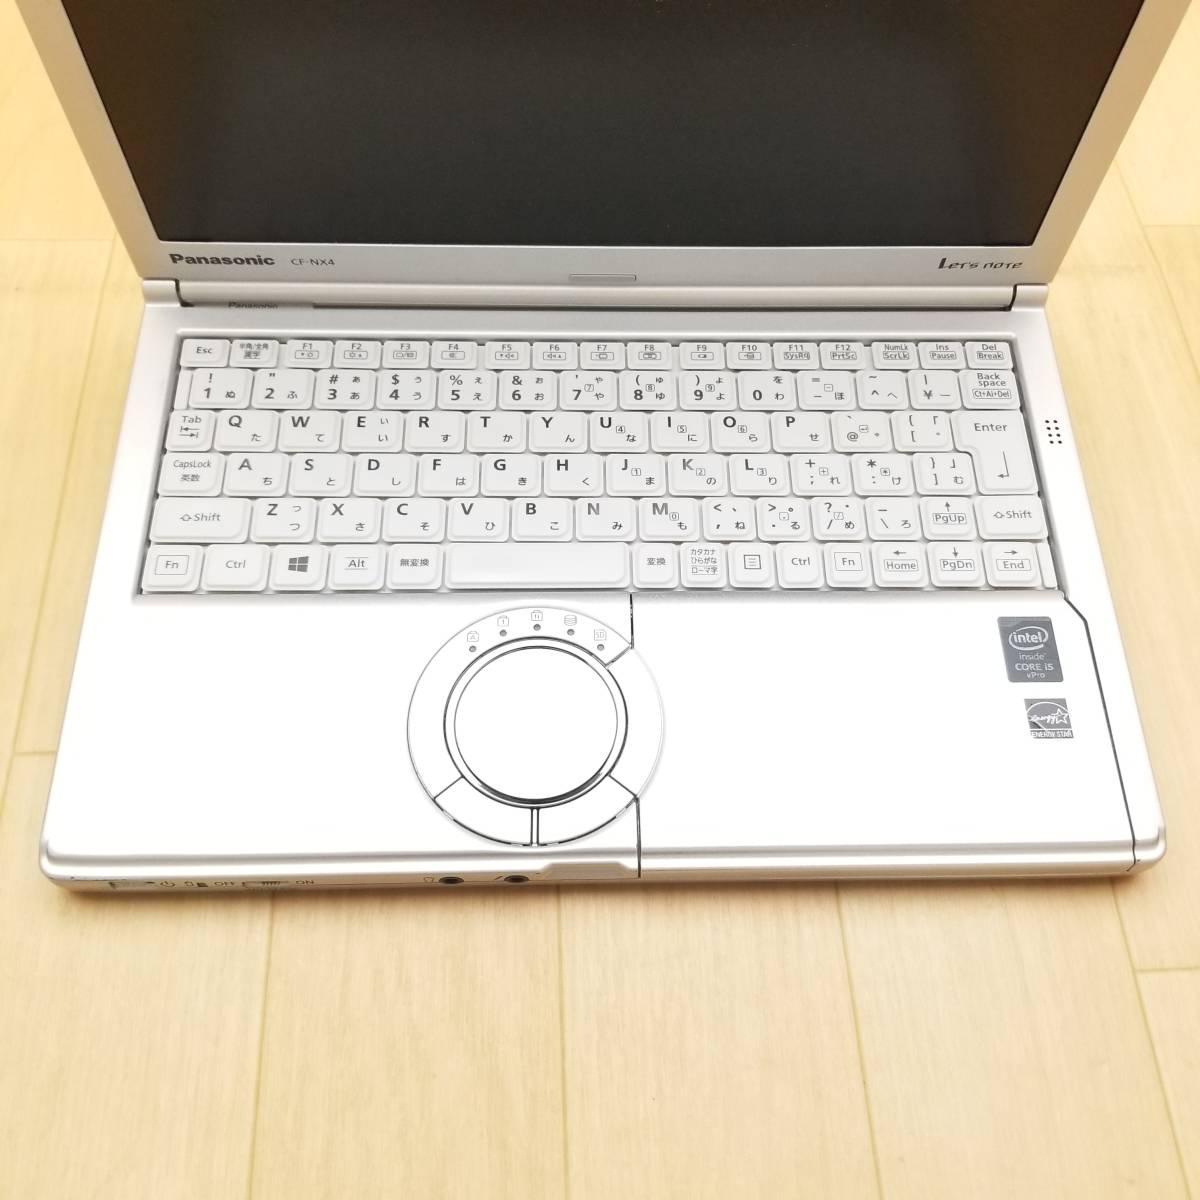 ★2015年モデル・美品★高性能第5世代i5(ターボ)搭載/HDD320GB/メモリ8GB/Wi-Fi/Webカメラ/最新Office搭載/Win10/Let'snote CF-NX4(C7010)_★キーボードやパームレストも綺麗です★